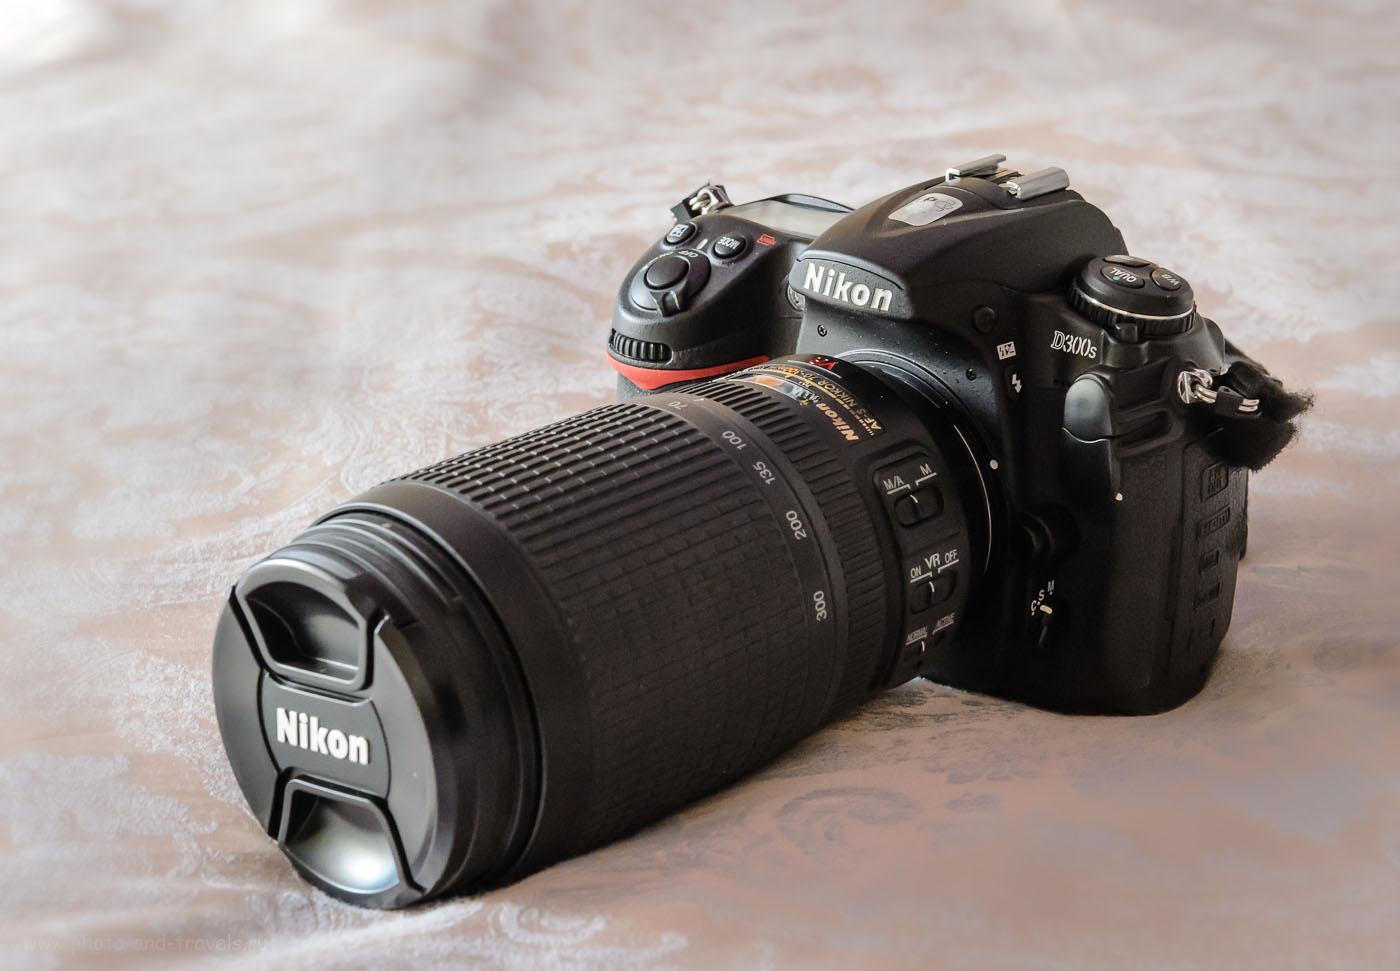 Внешний вид камеры Nikon D300s с объективом Nikon 70-300